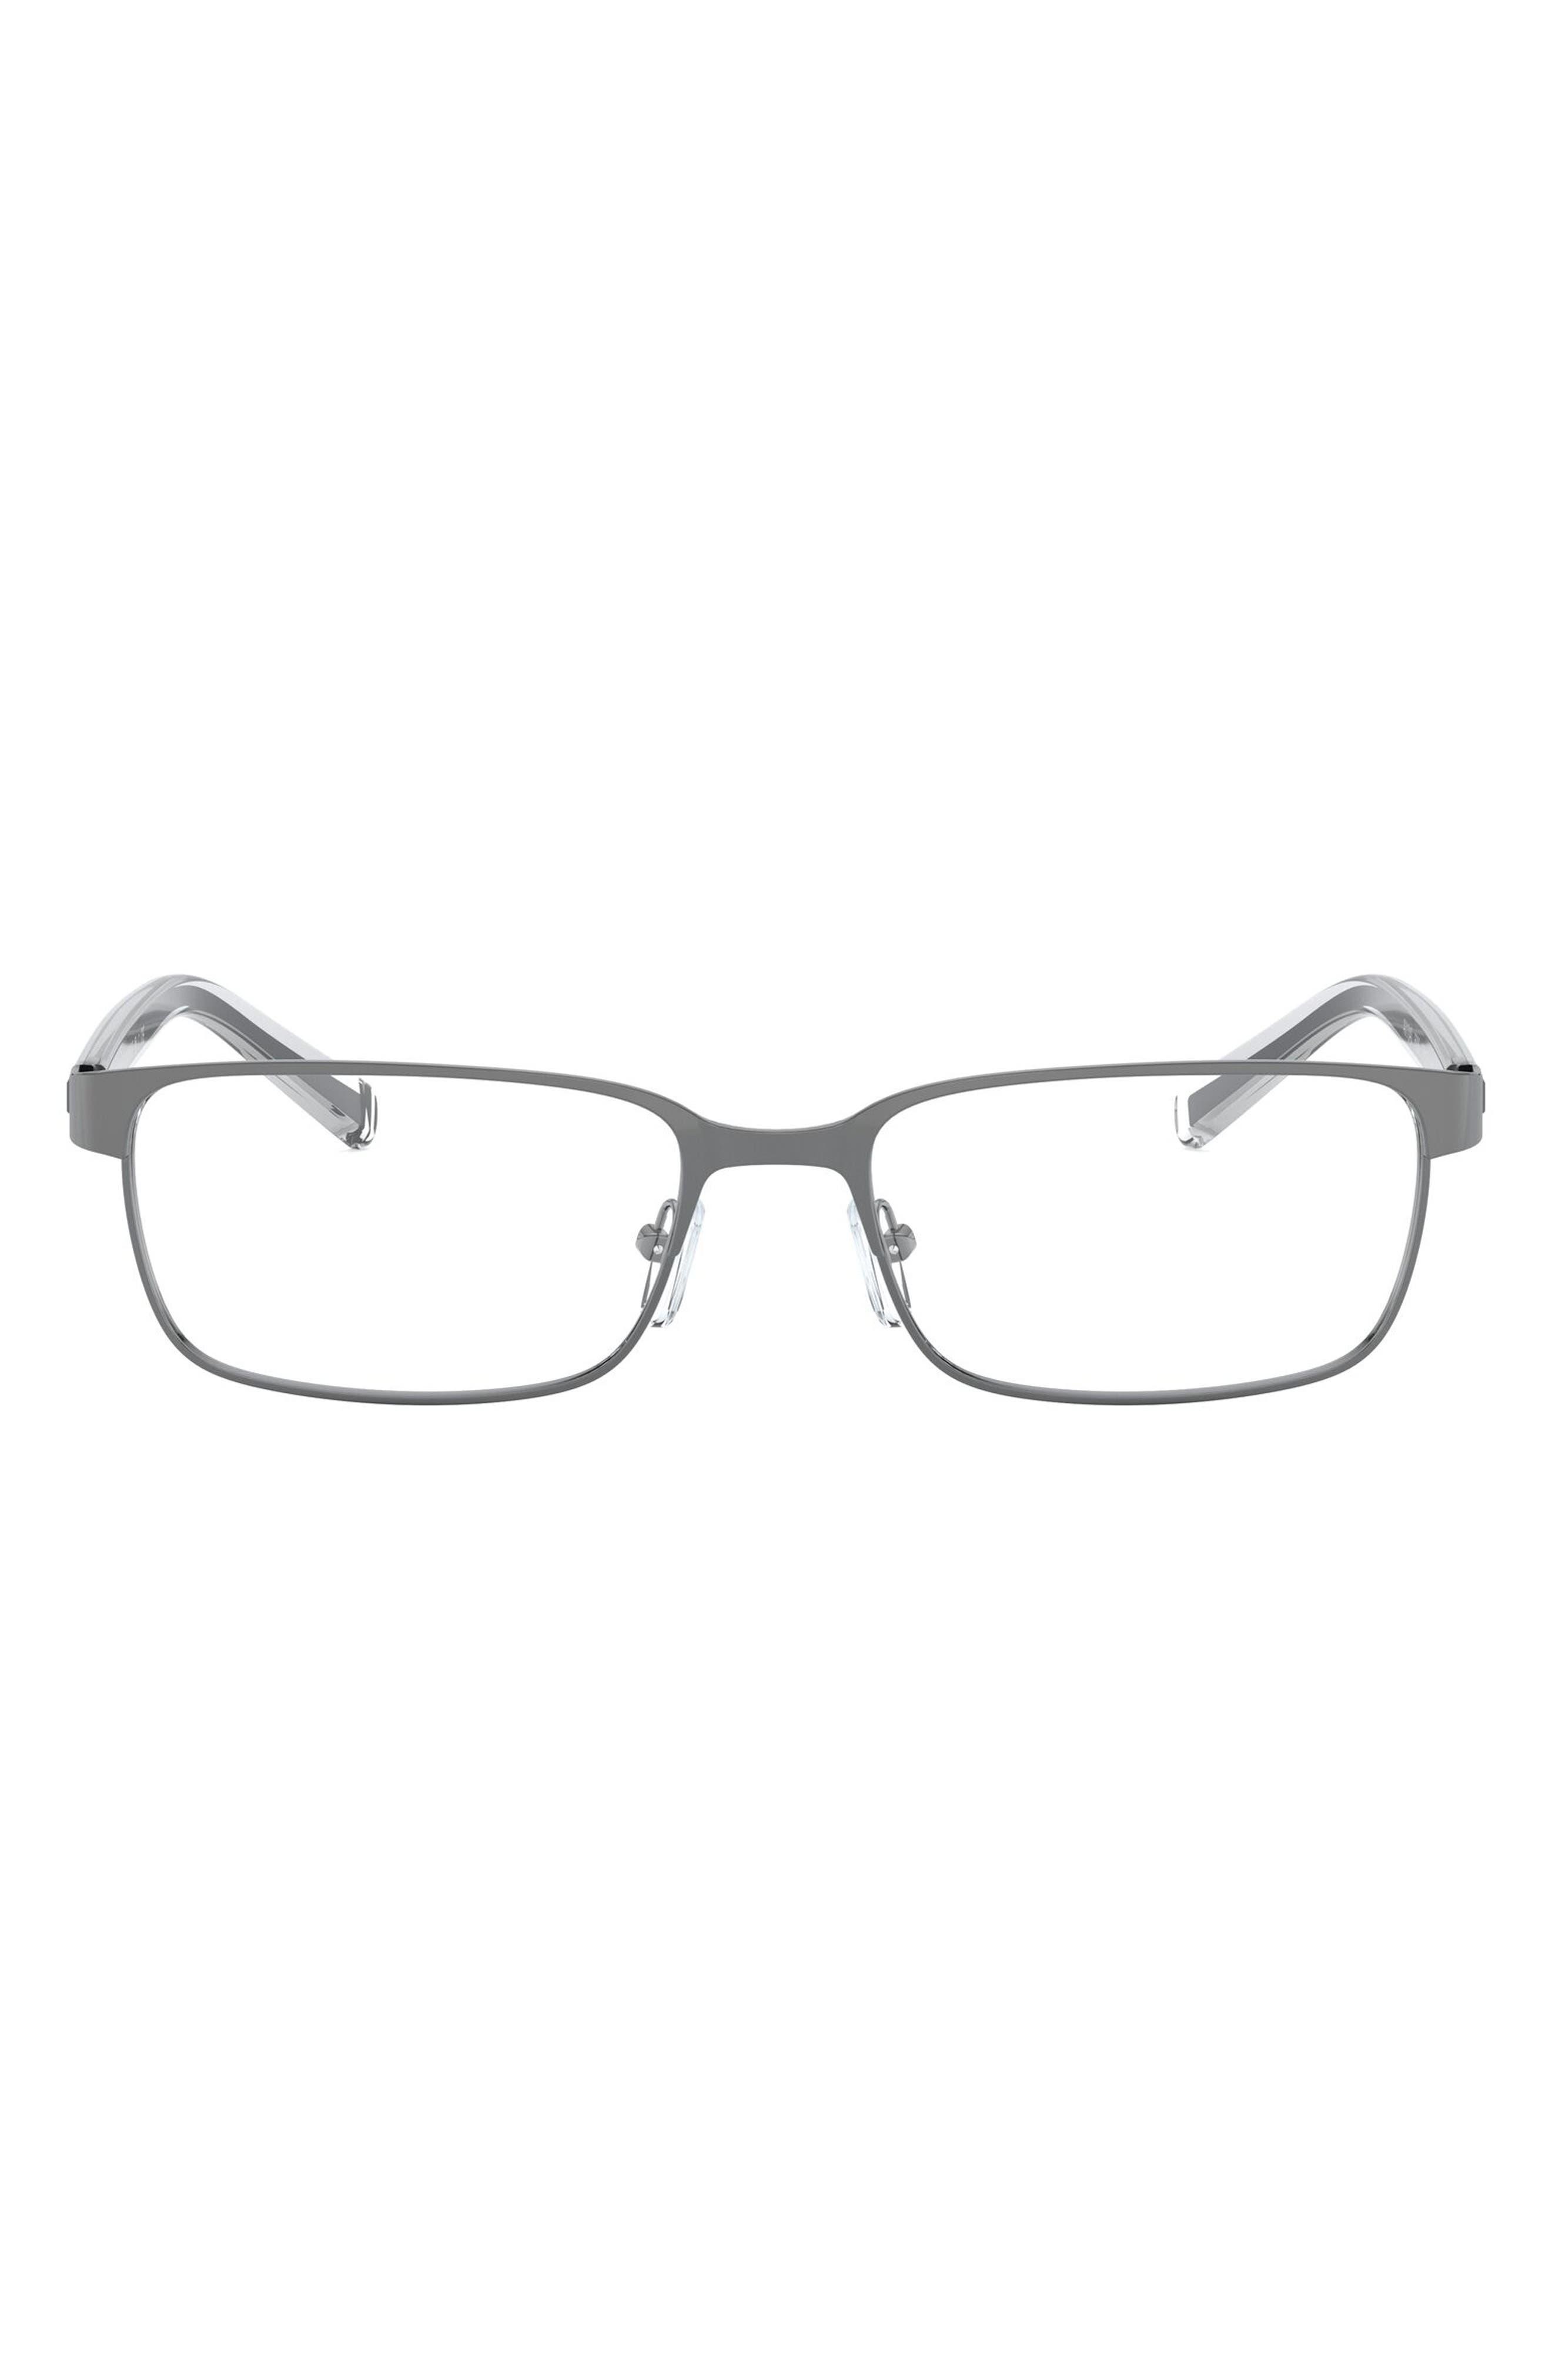 56mm Rectangular Reading Glasses